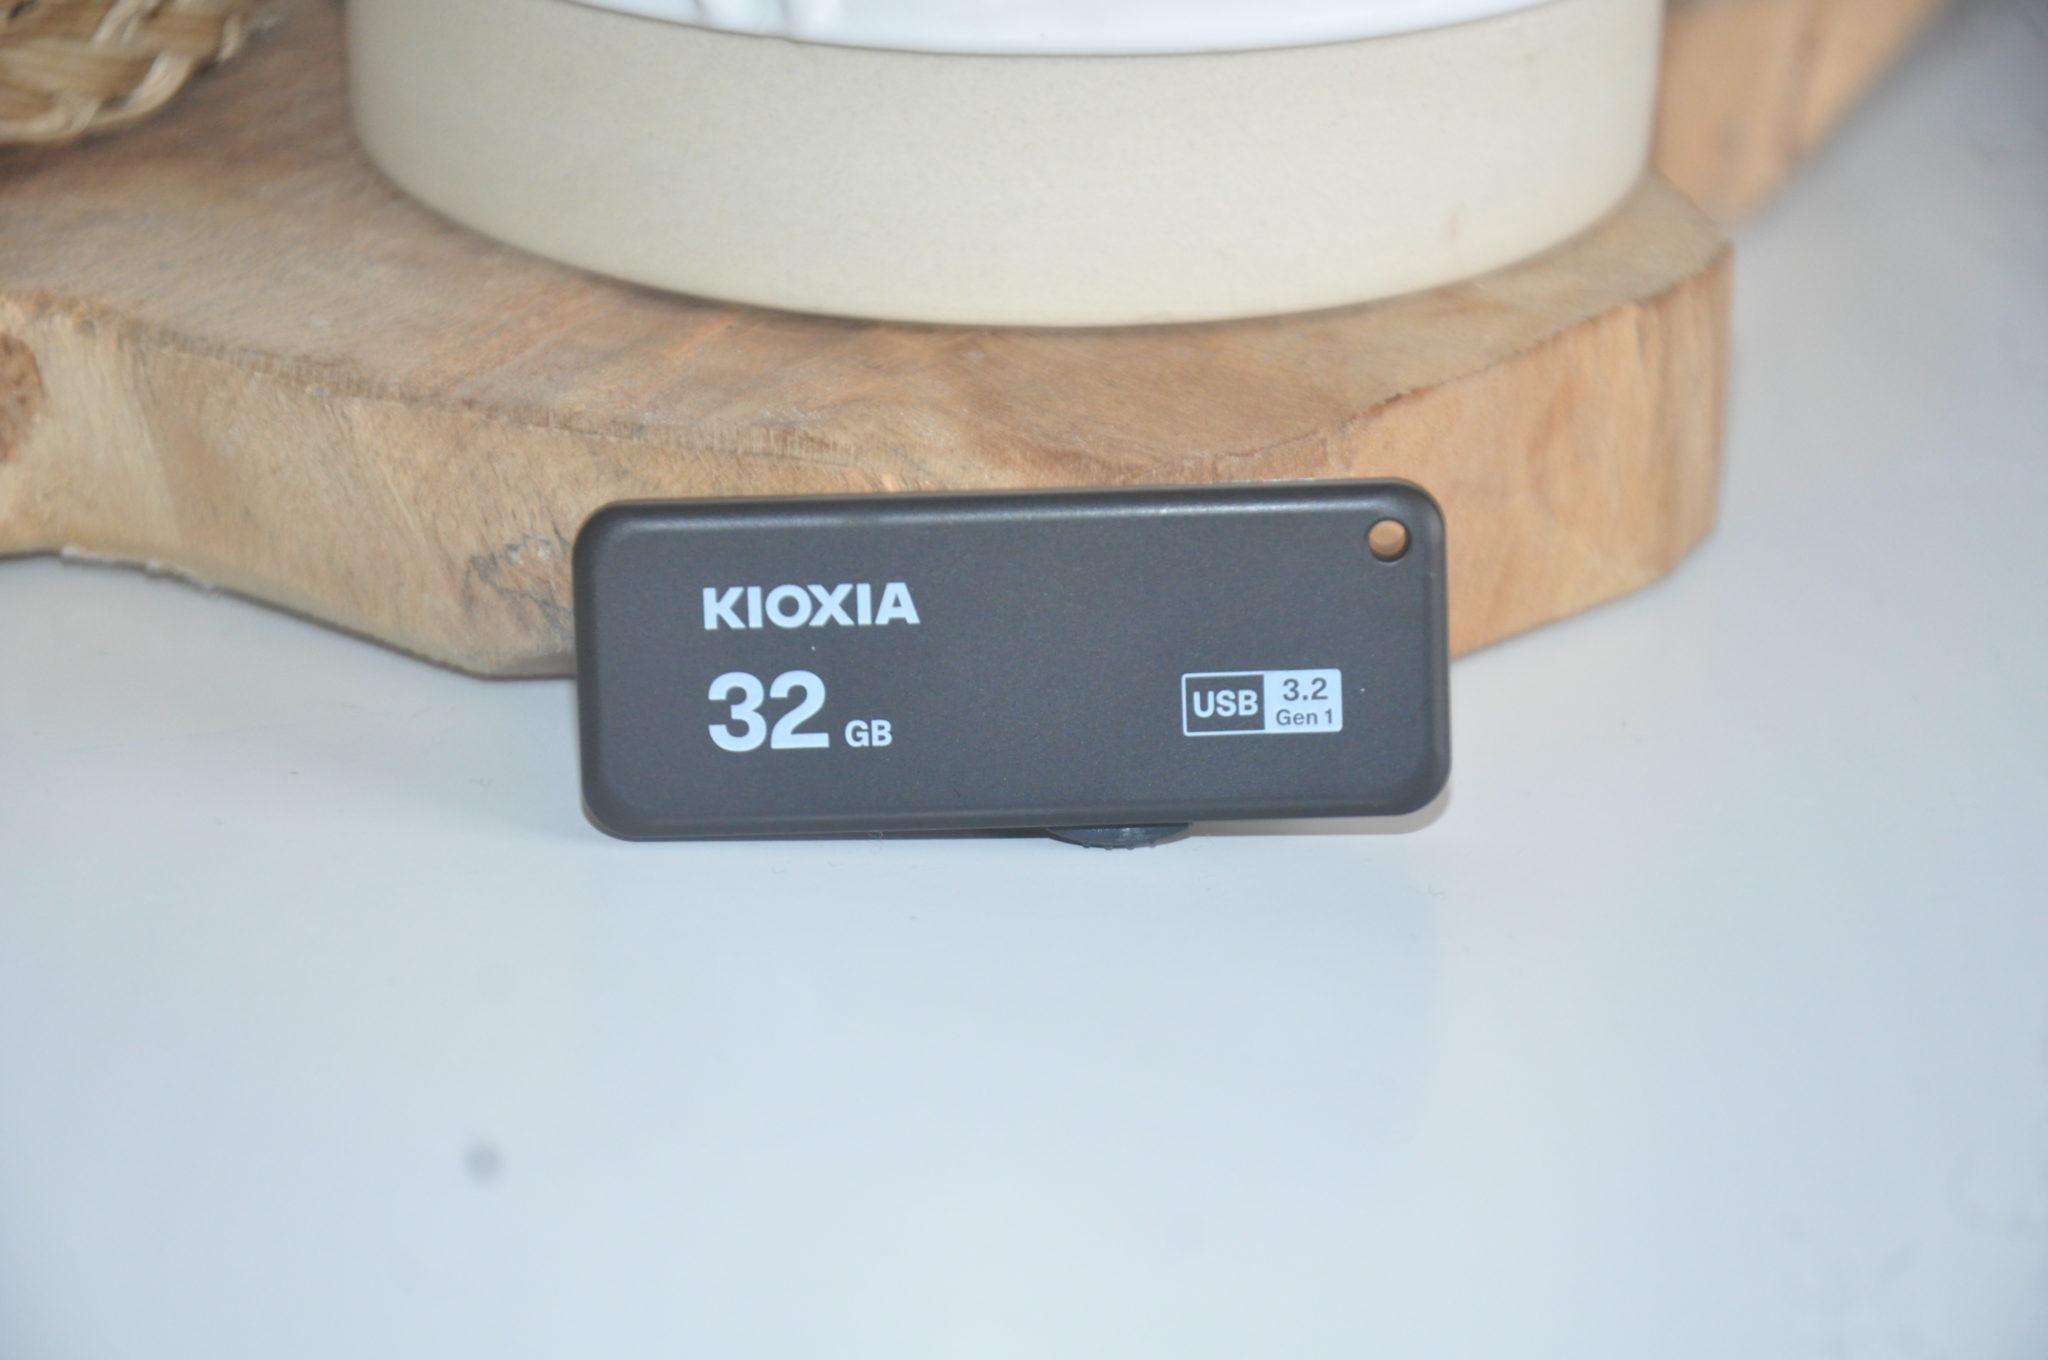 Review Kioxia Transmemory U365 32 GB 3